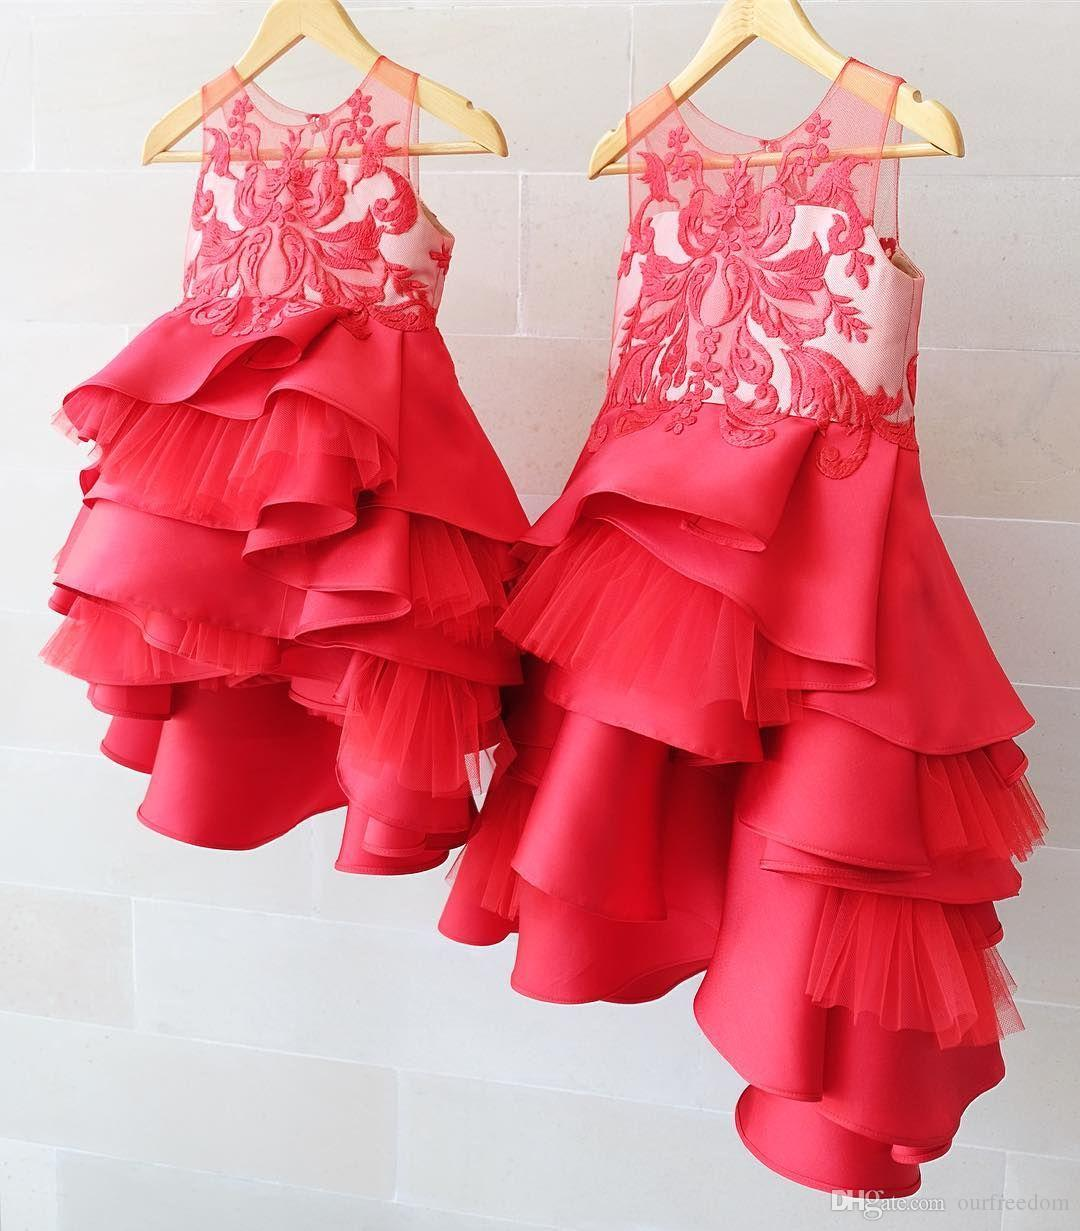 2019 élégant jupes à niveau des filles de robe de pages de filles Approbilles à volants de jupes à volants Premières robes de communion Filles Birtday Geode de fête personnalisée